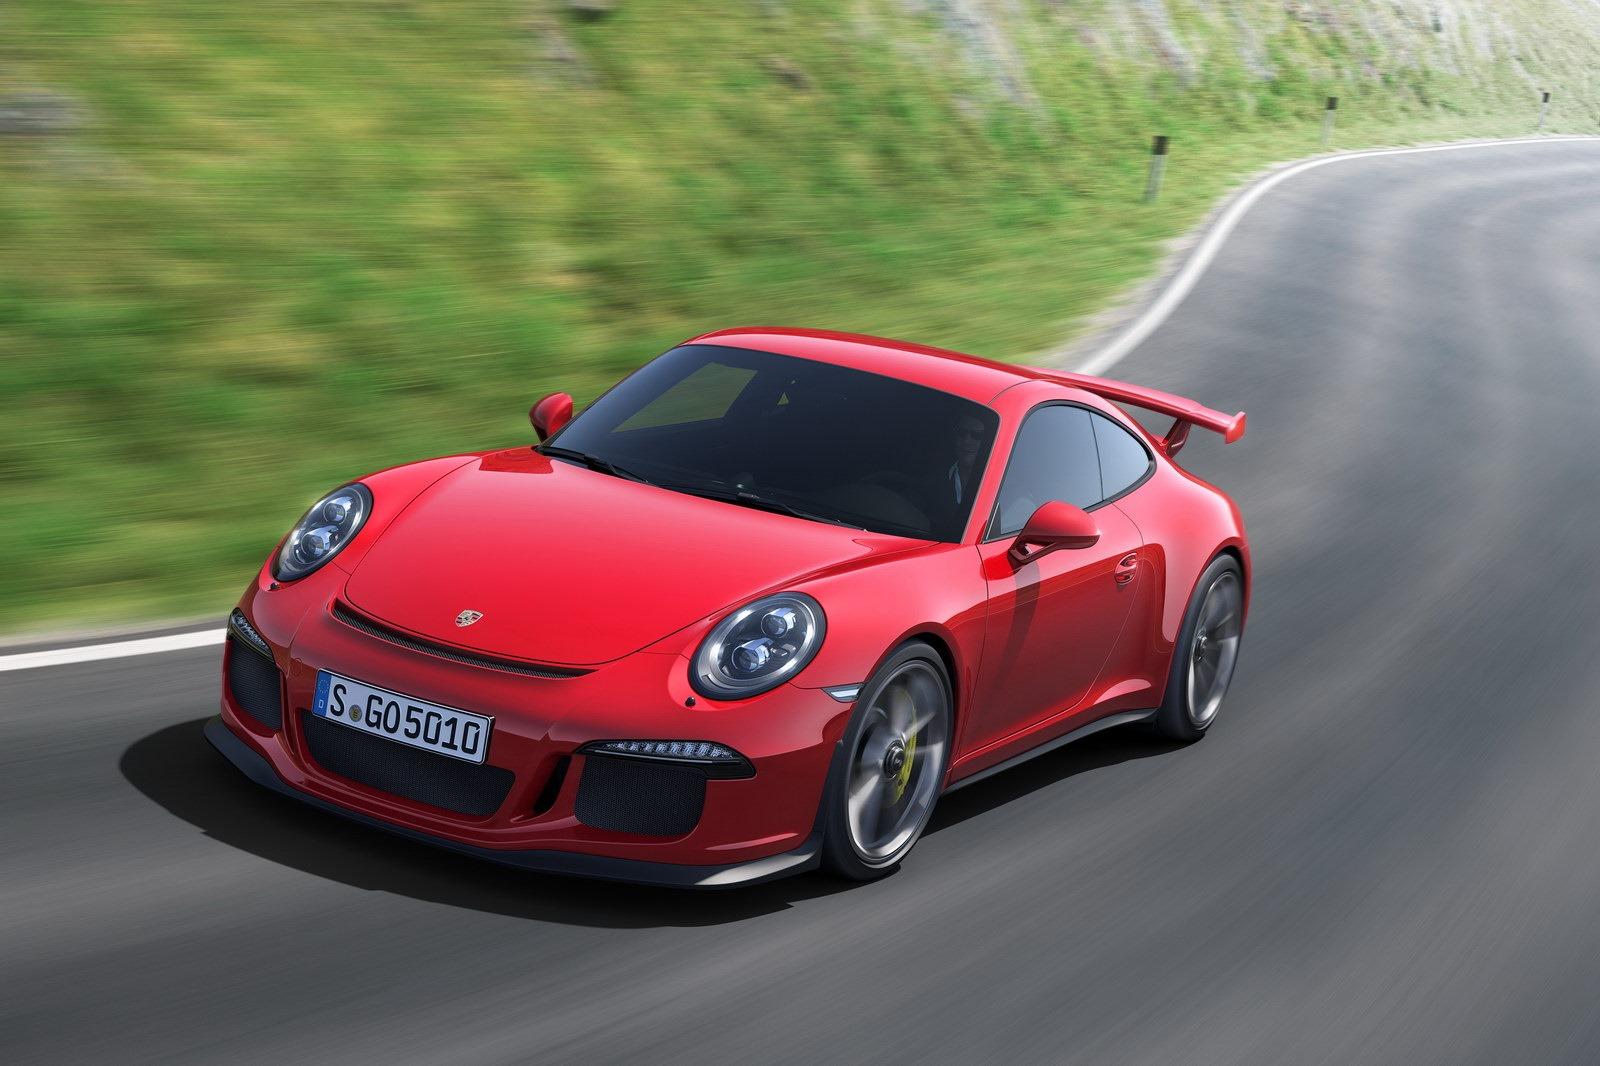 http://www.diseno-art.com/news_content/wp-content/uploads/2013/03/Porsche-991-GT3-4.jpg